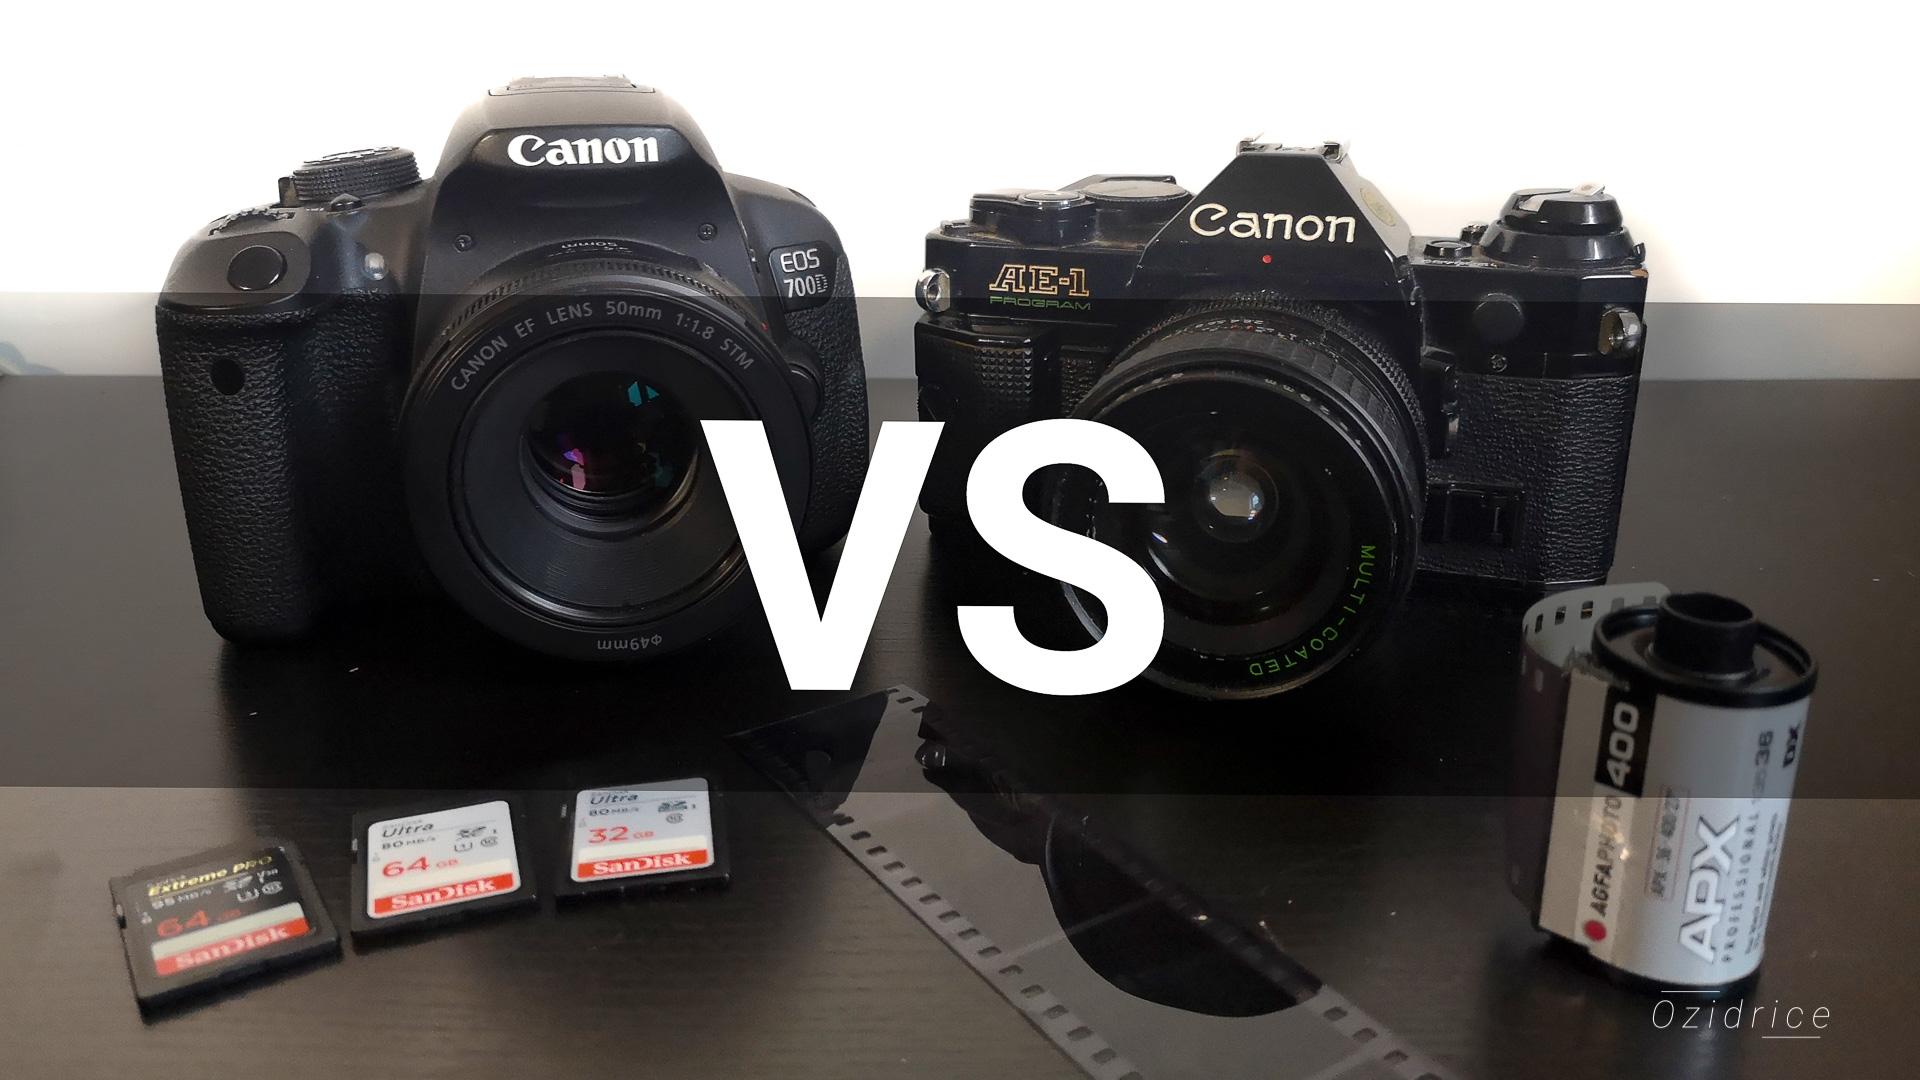 Photographie d'un appareil photo numérique à côté d'un appareil photo argentique